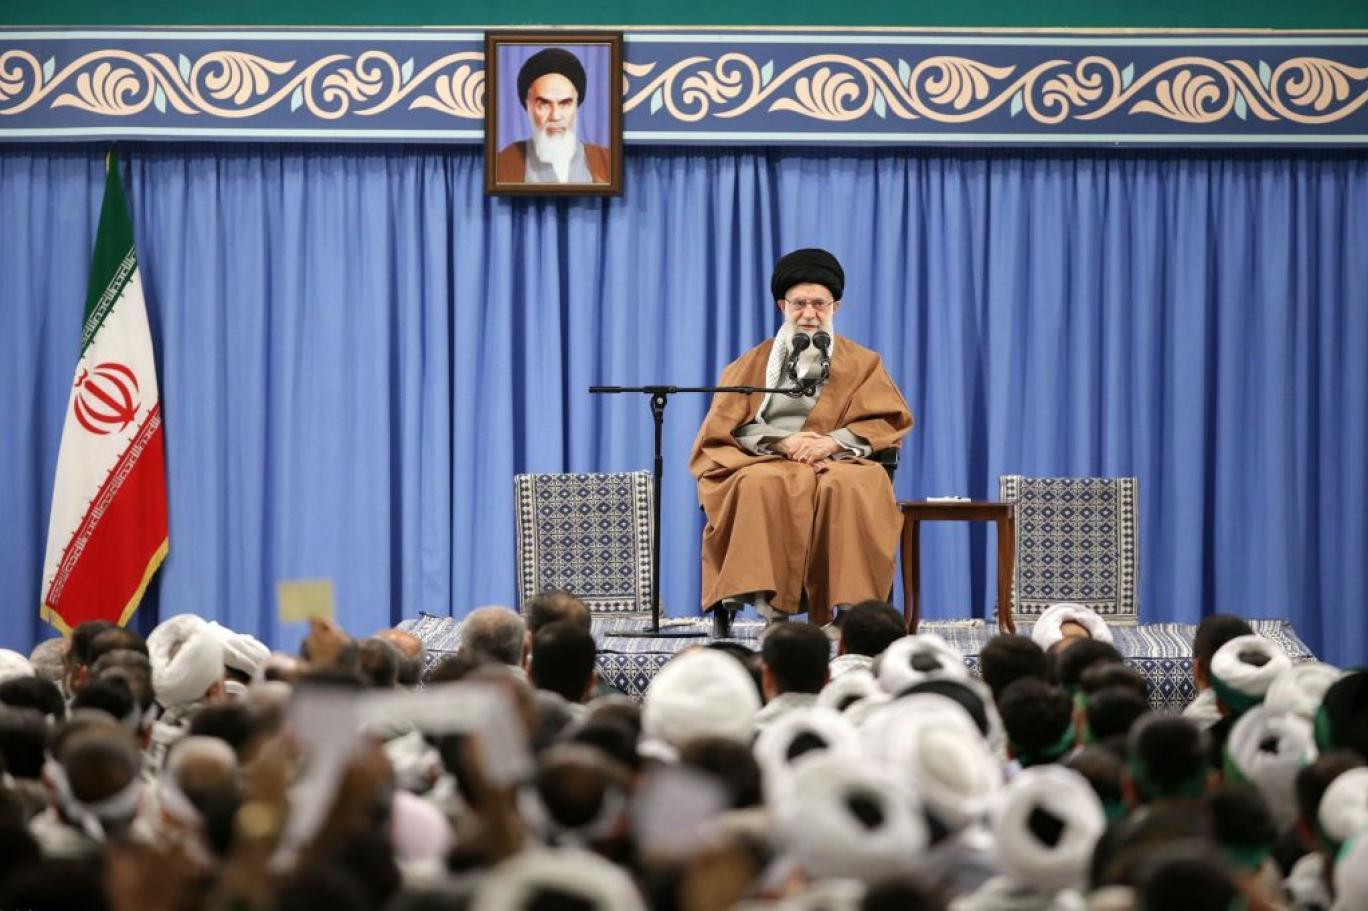 """في قاموس طهران .. اي تحرك شعبي من أجل مطالب اجتماعية هو """"مؤامرة من صنع الأعداء"""""""